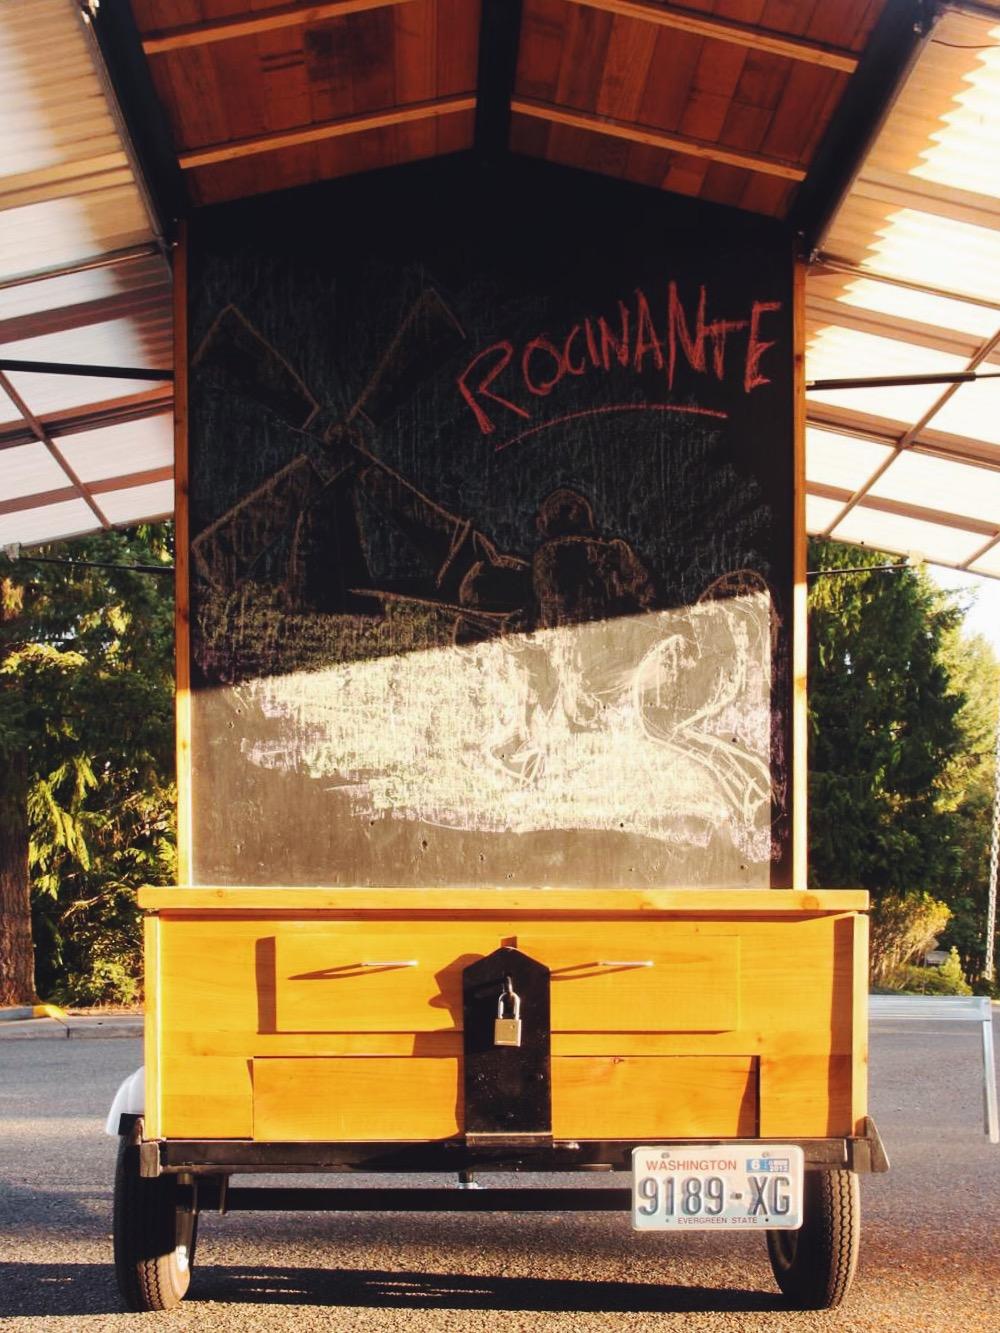 Rocinante 4.jpg